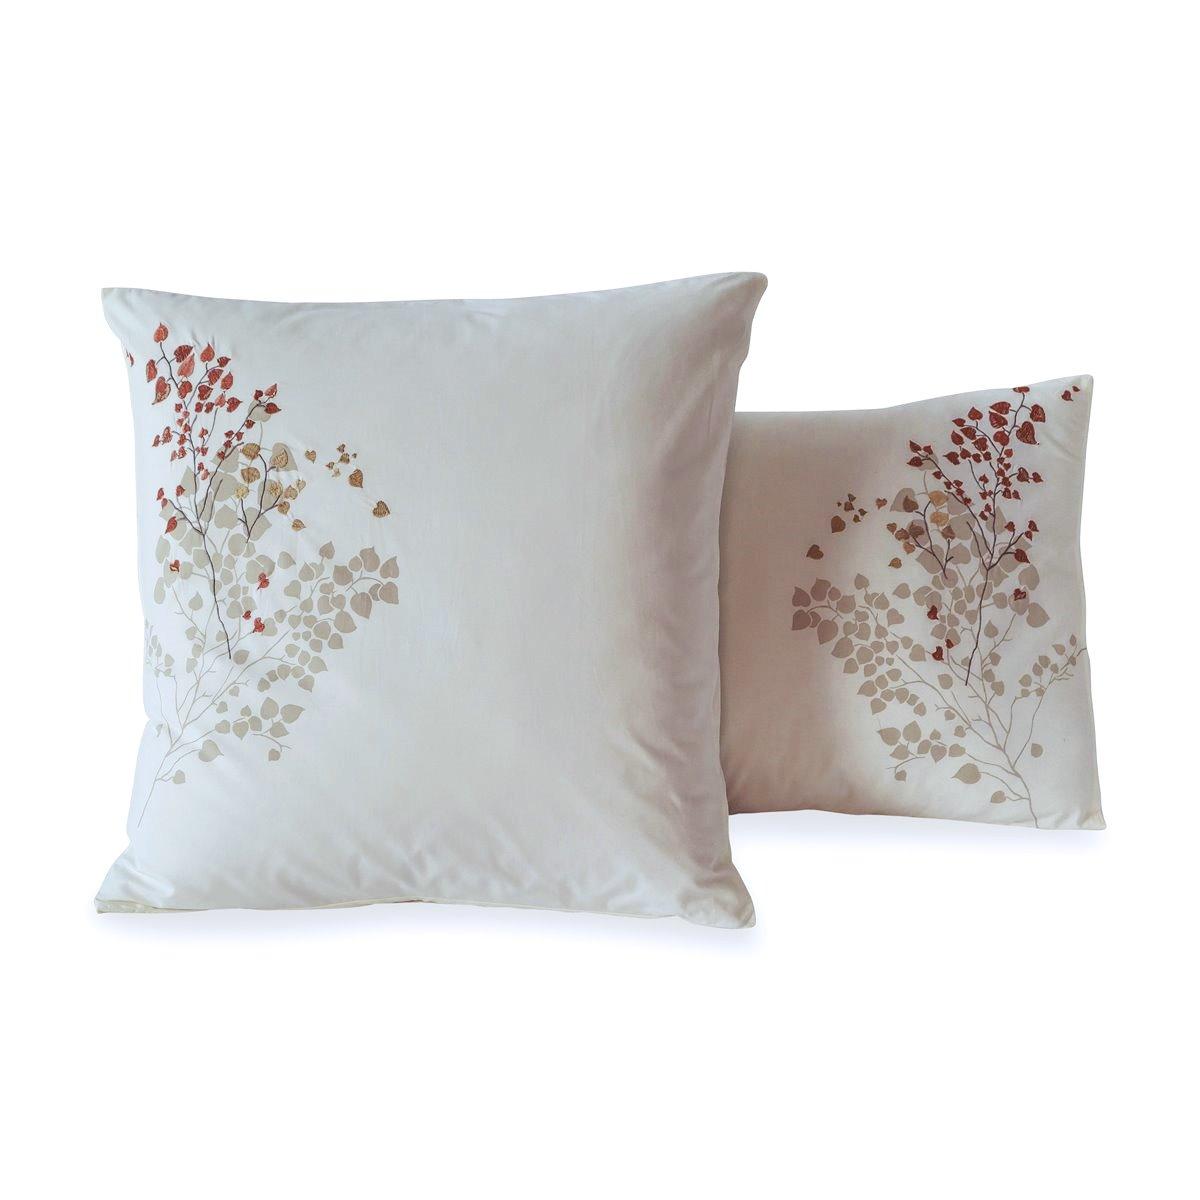 Taie d'oreiller percale de coton 80 fils - Mathilde | Linge de lit brodé | Tradition des Vosges